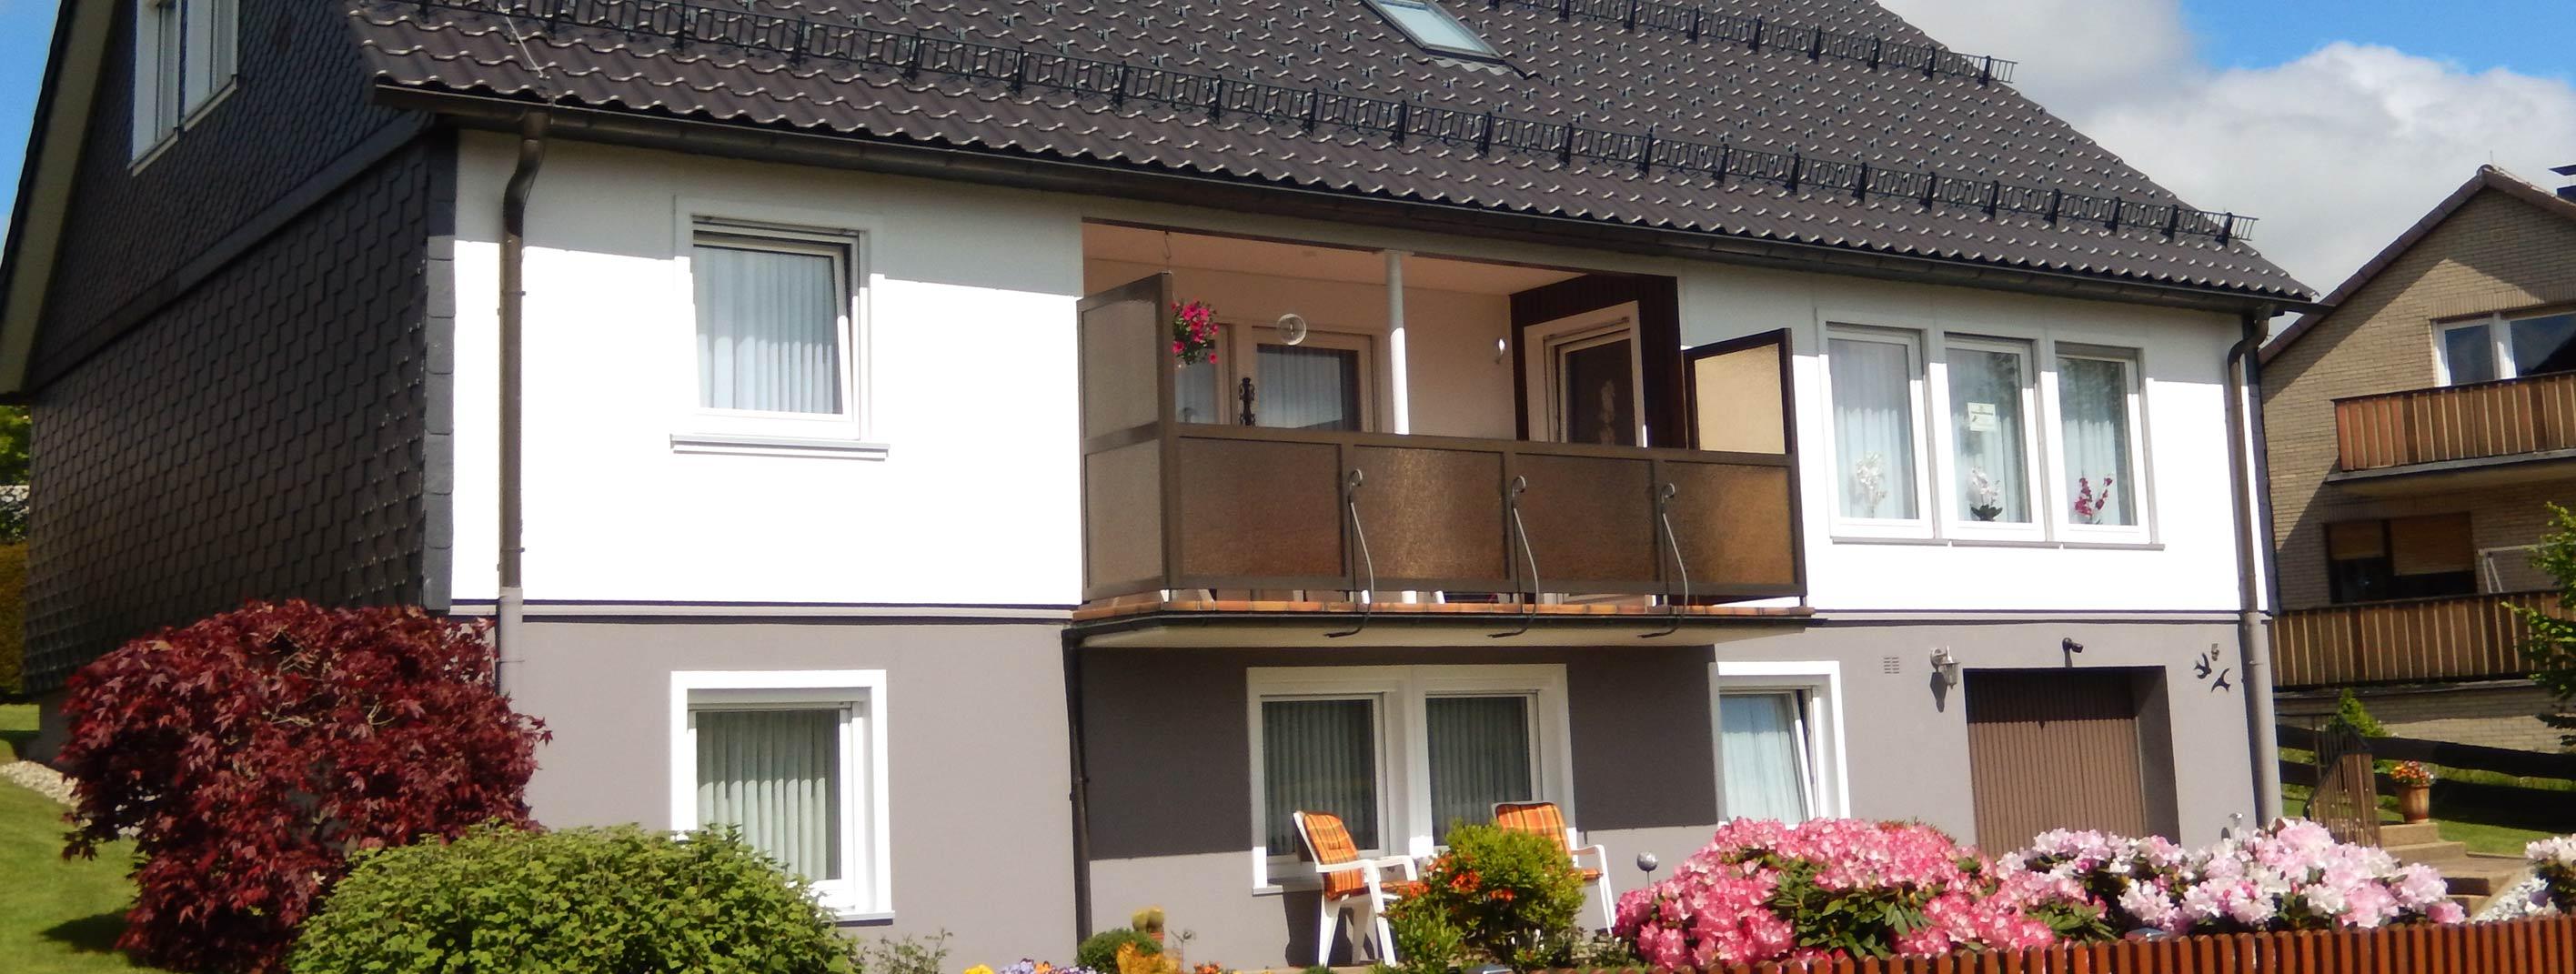 Foto Haus Sandhagen Ferienwohnungen im Harz